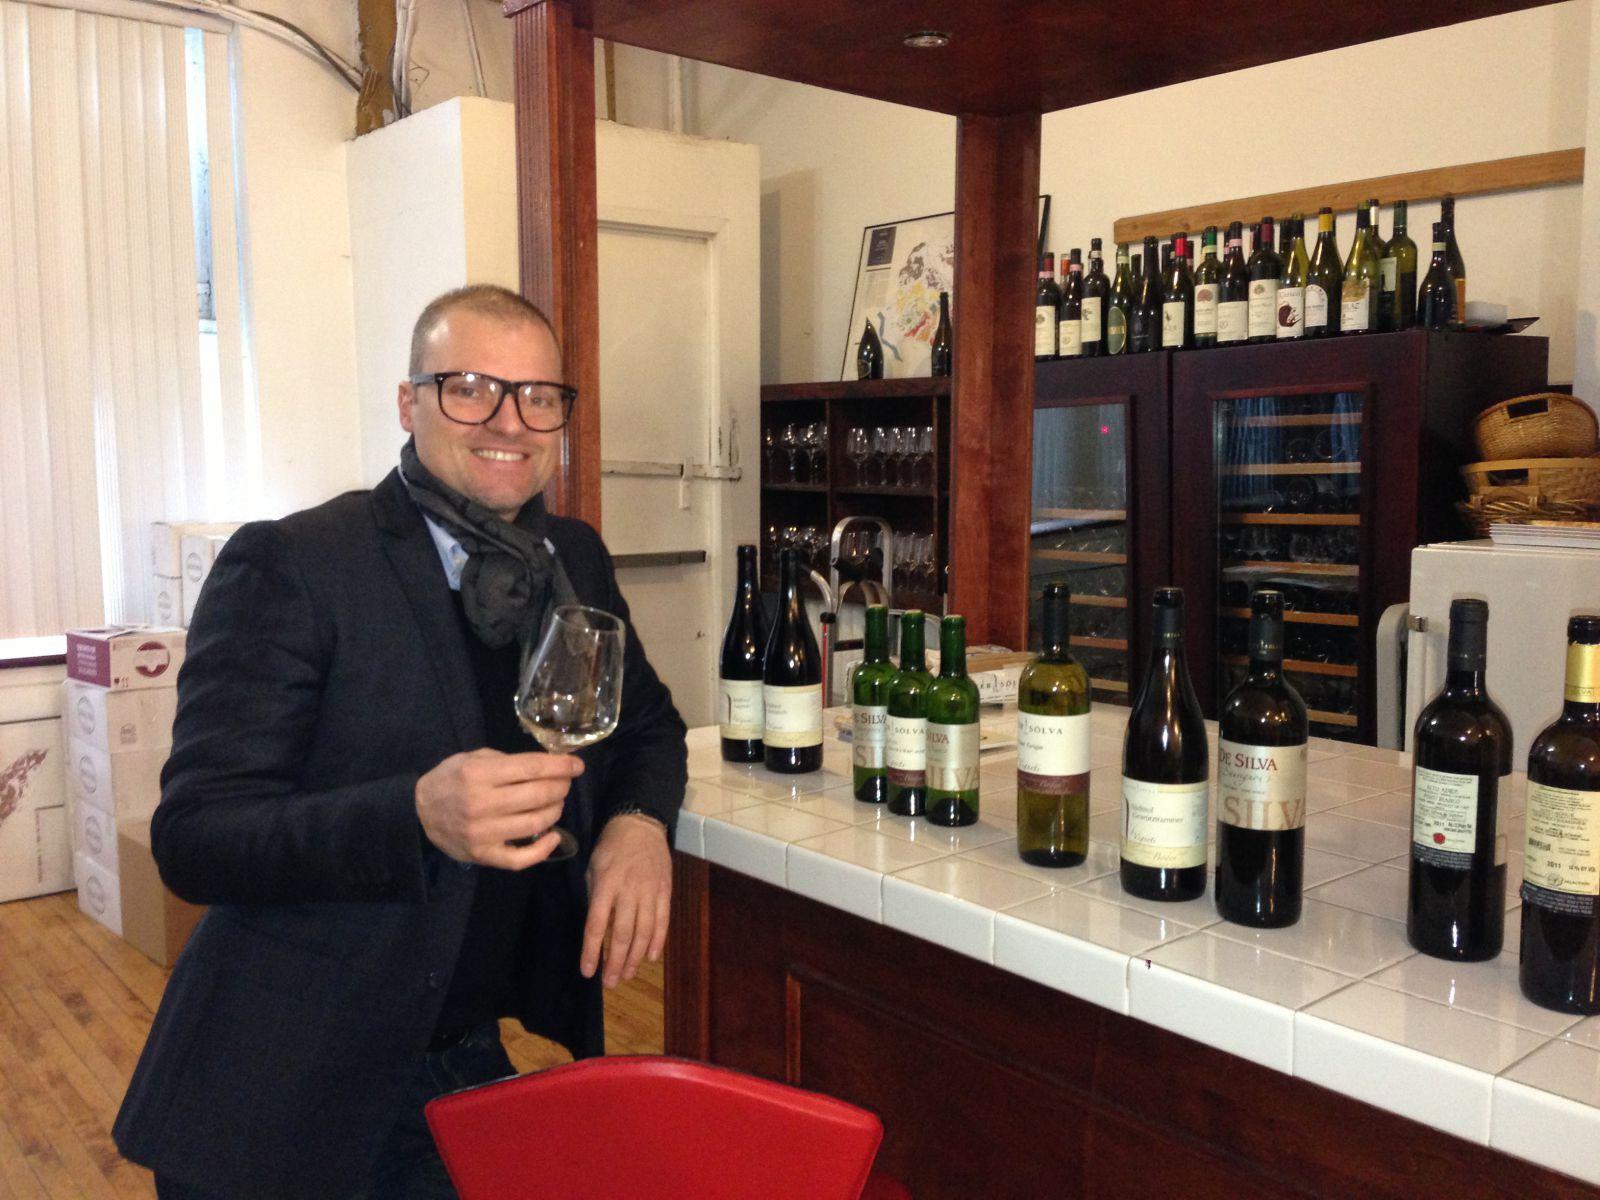 Stephan Soelva owner of Peter Soelva winery at Vignaioli Office